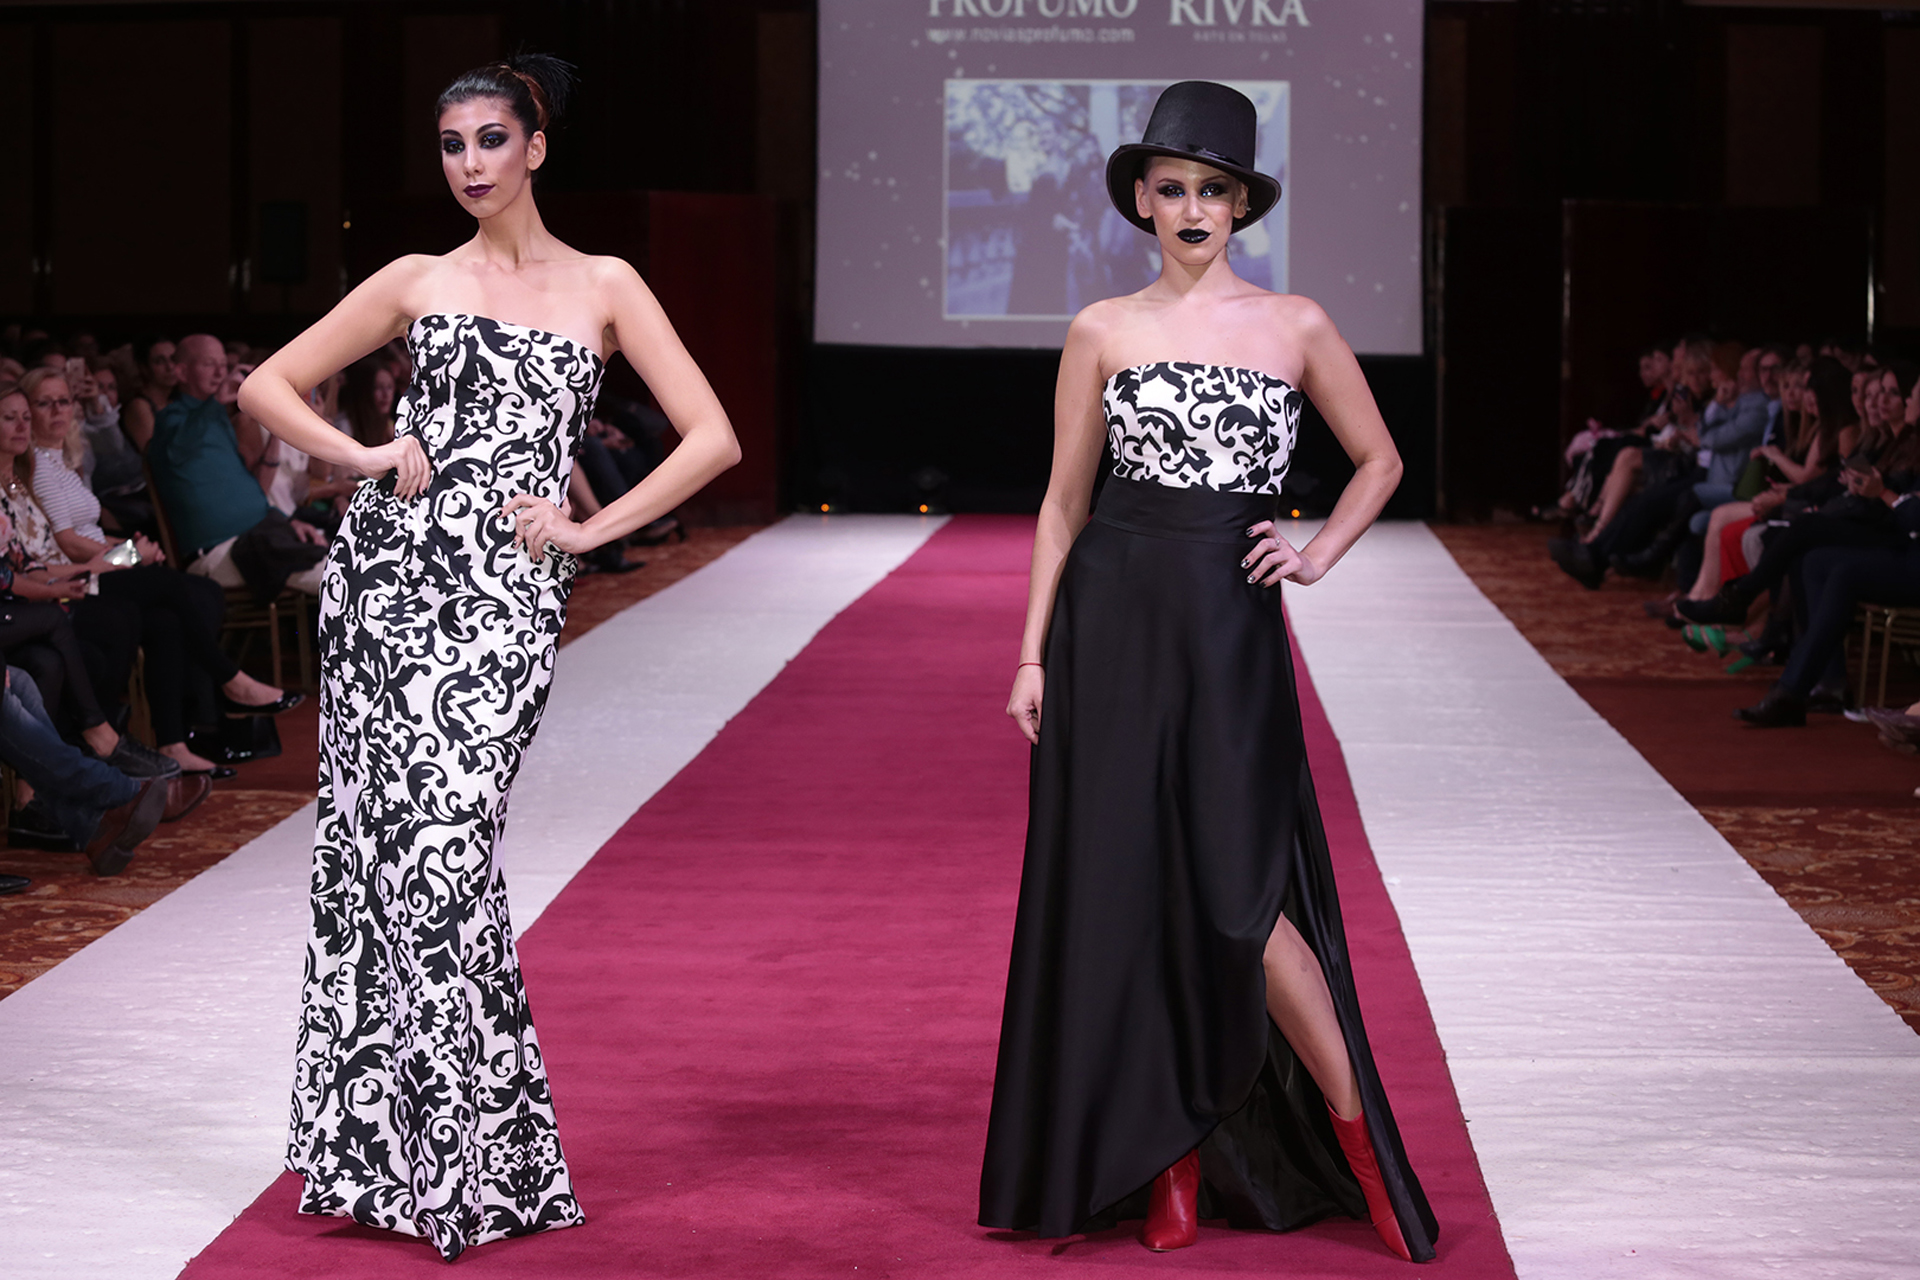 Diseños con sublimación. Strapless en blanco y negro, y a la izquierda strapless con falda de cintura alta y tajo medio (Fotos: Christian Bochichio)